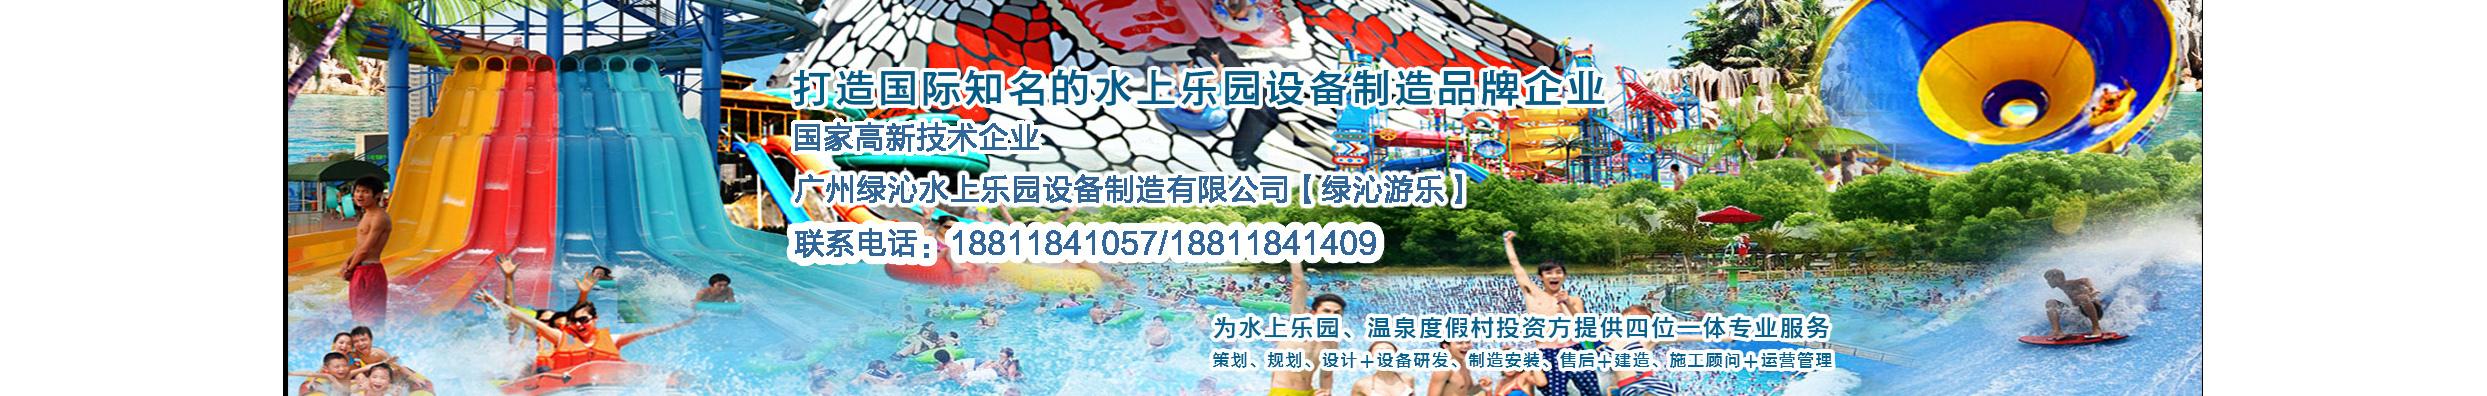 雅达乐 banner